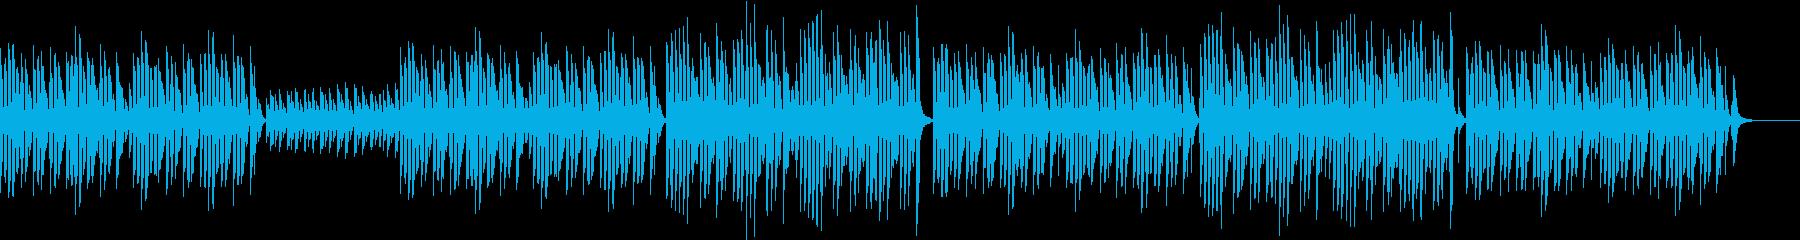 bpm084 キッズTikTok可愛い笛の再生済みの波形